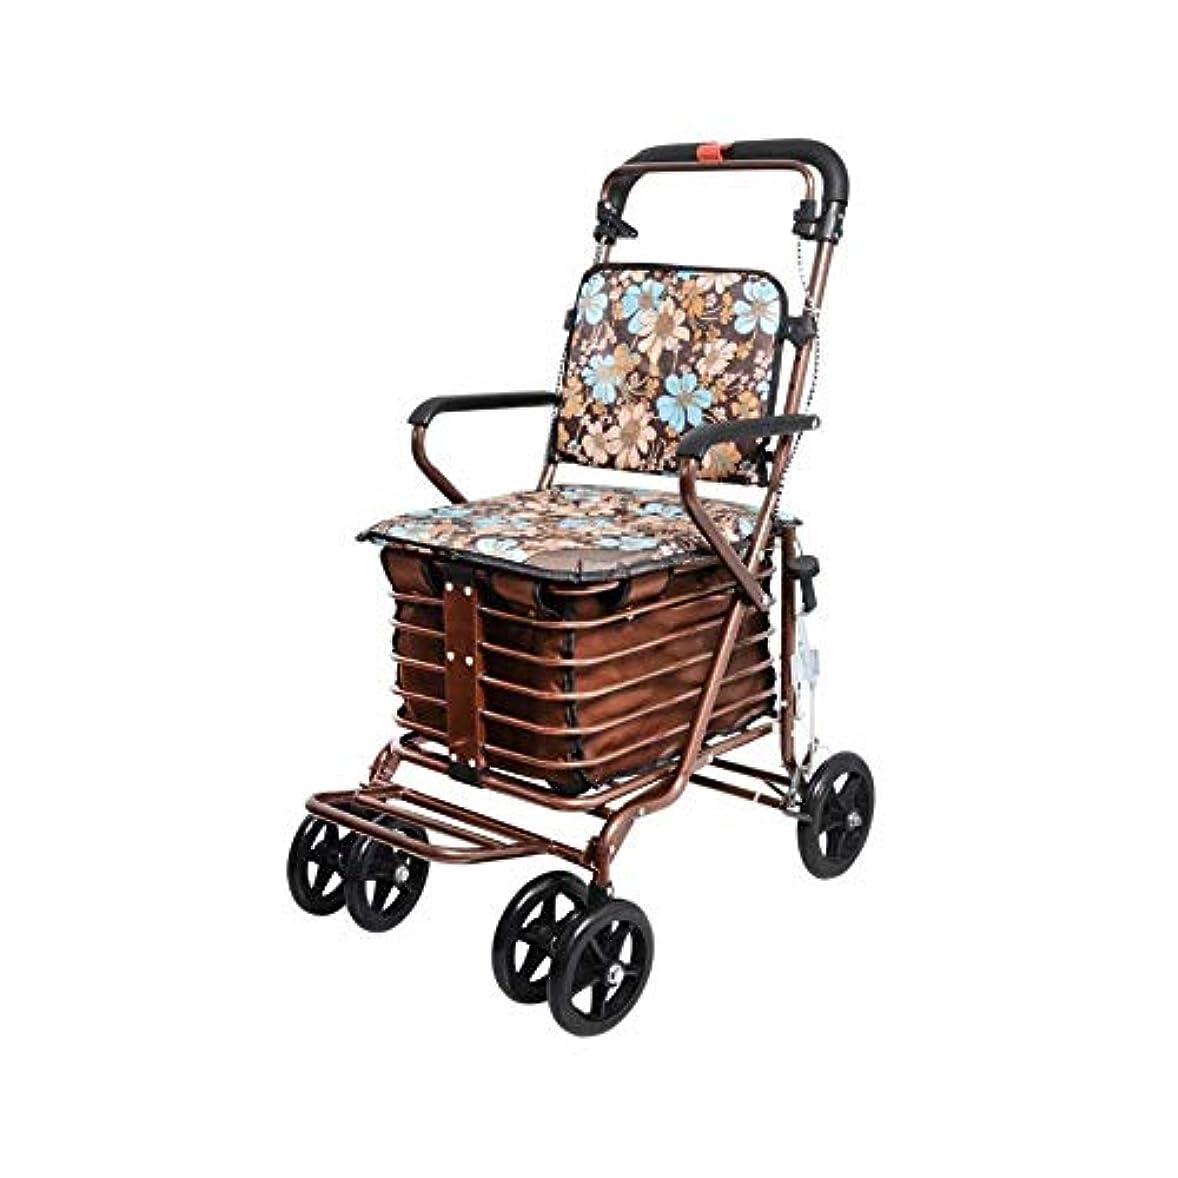 砂司令官おめでとう軽量の高齢者の歩行者、折る携帯用歩行器の補助歩行者の4つの車輪のショッピングカートハンドブレーキが付いている頑丈な歩行者 (Color : Color1)